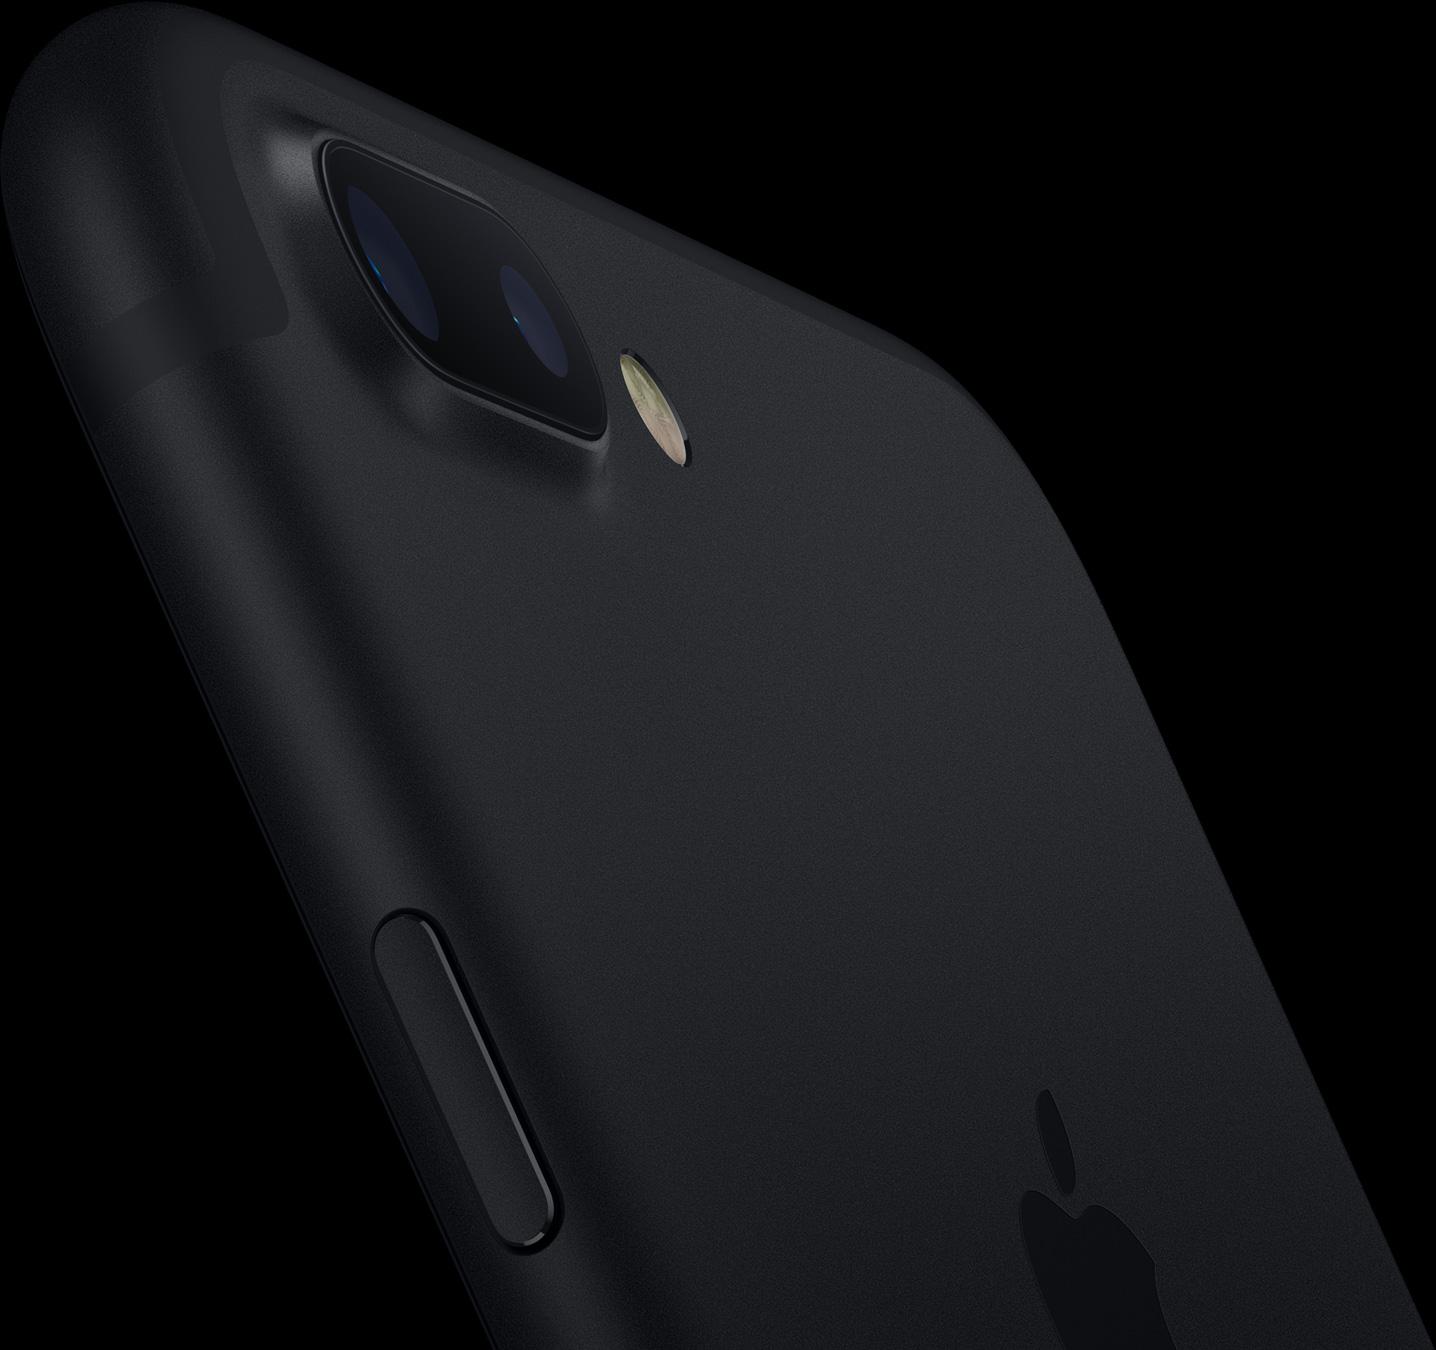 iPhone 7 Plus, любимый сын семьи 2